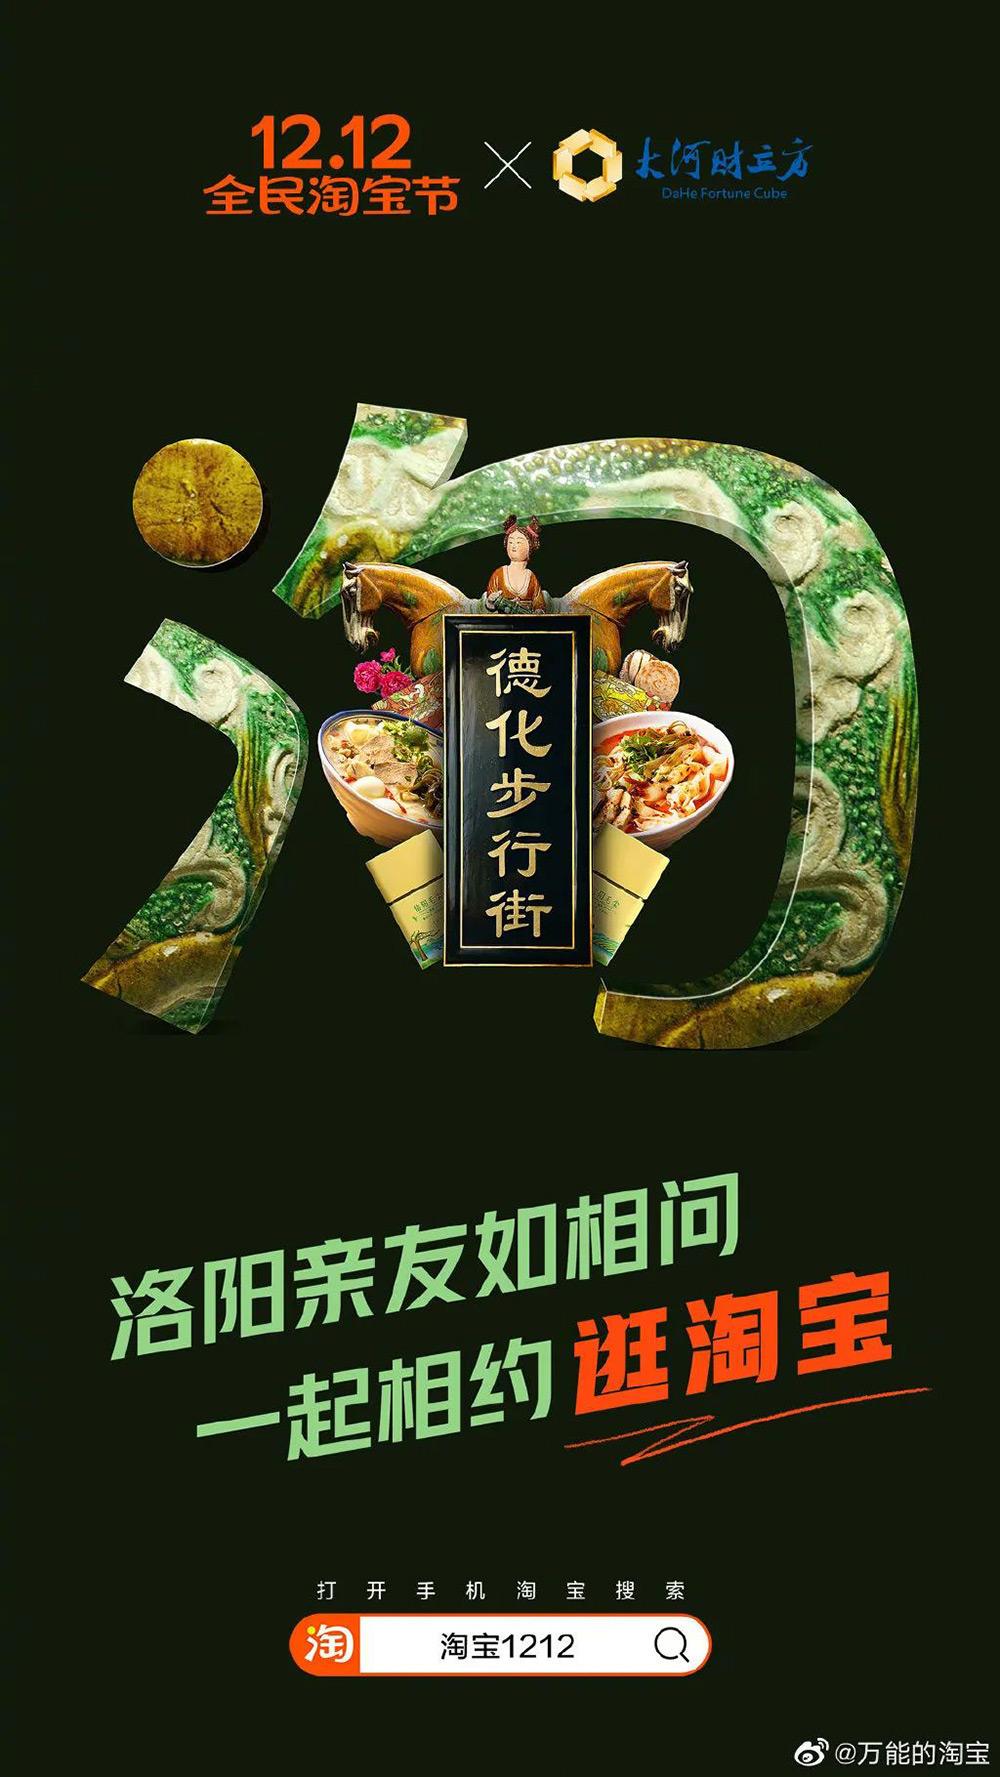 35款以「淘」为视觉符号的淘宝双12海报